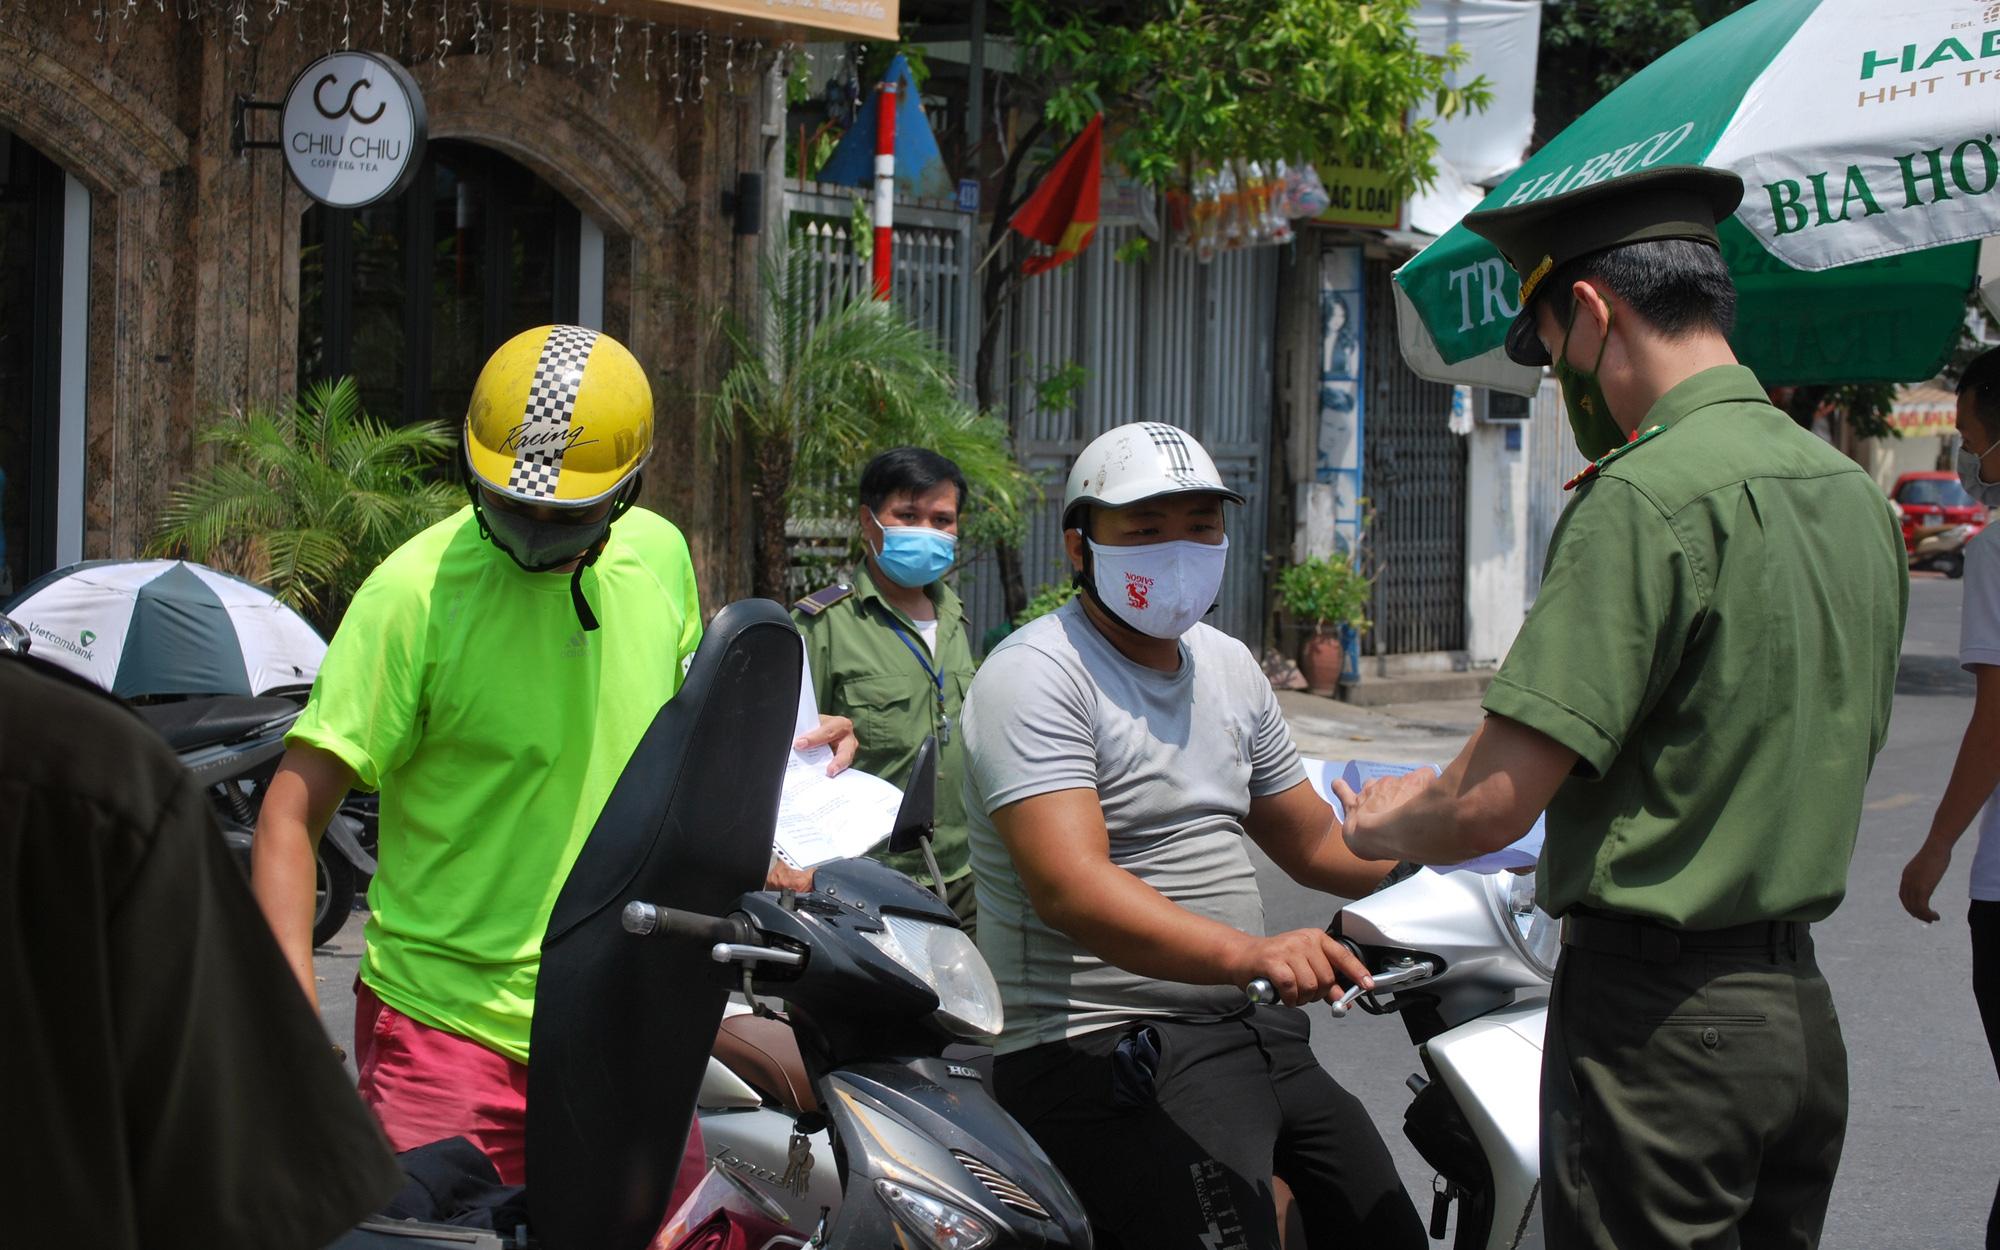 """Hà Nội: Dỡ bỏ toàn bộ 39 chốt kiểm soát, dừng kiểm tra giấy đi đường tại """"vùng xanh"""""""